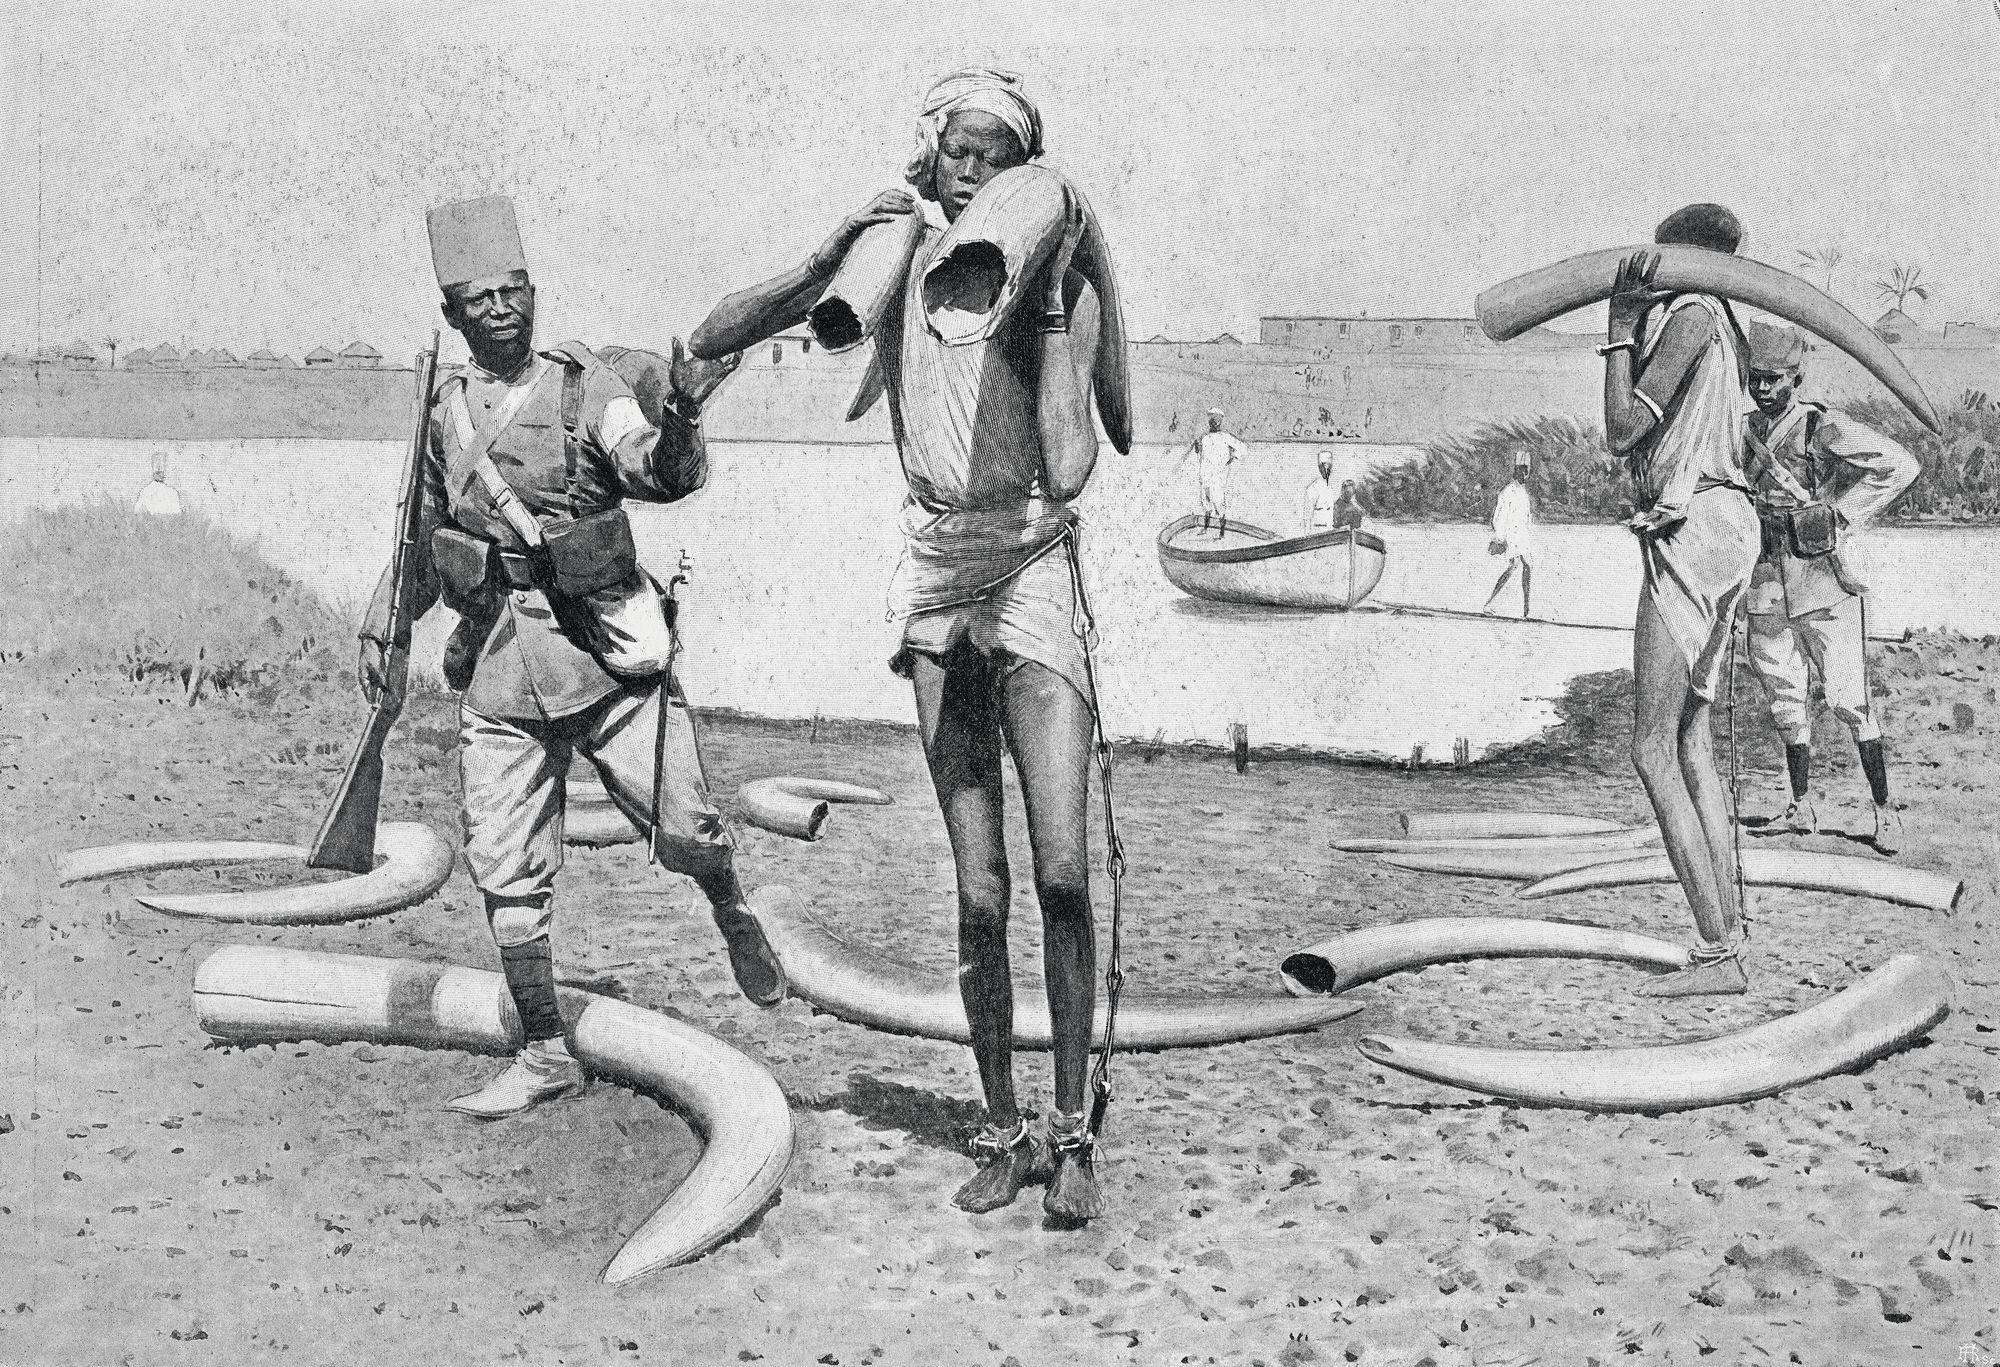 « Prisonniers transportant des défenses d'éléphant », L'Illustration, n° 3153, 1er août 1903.